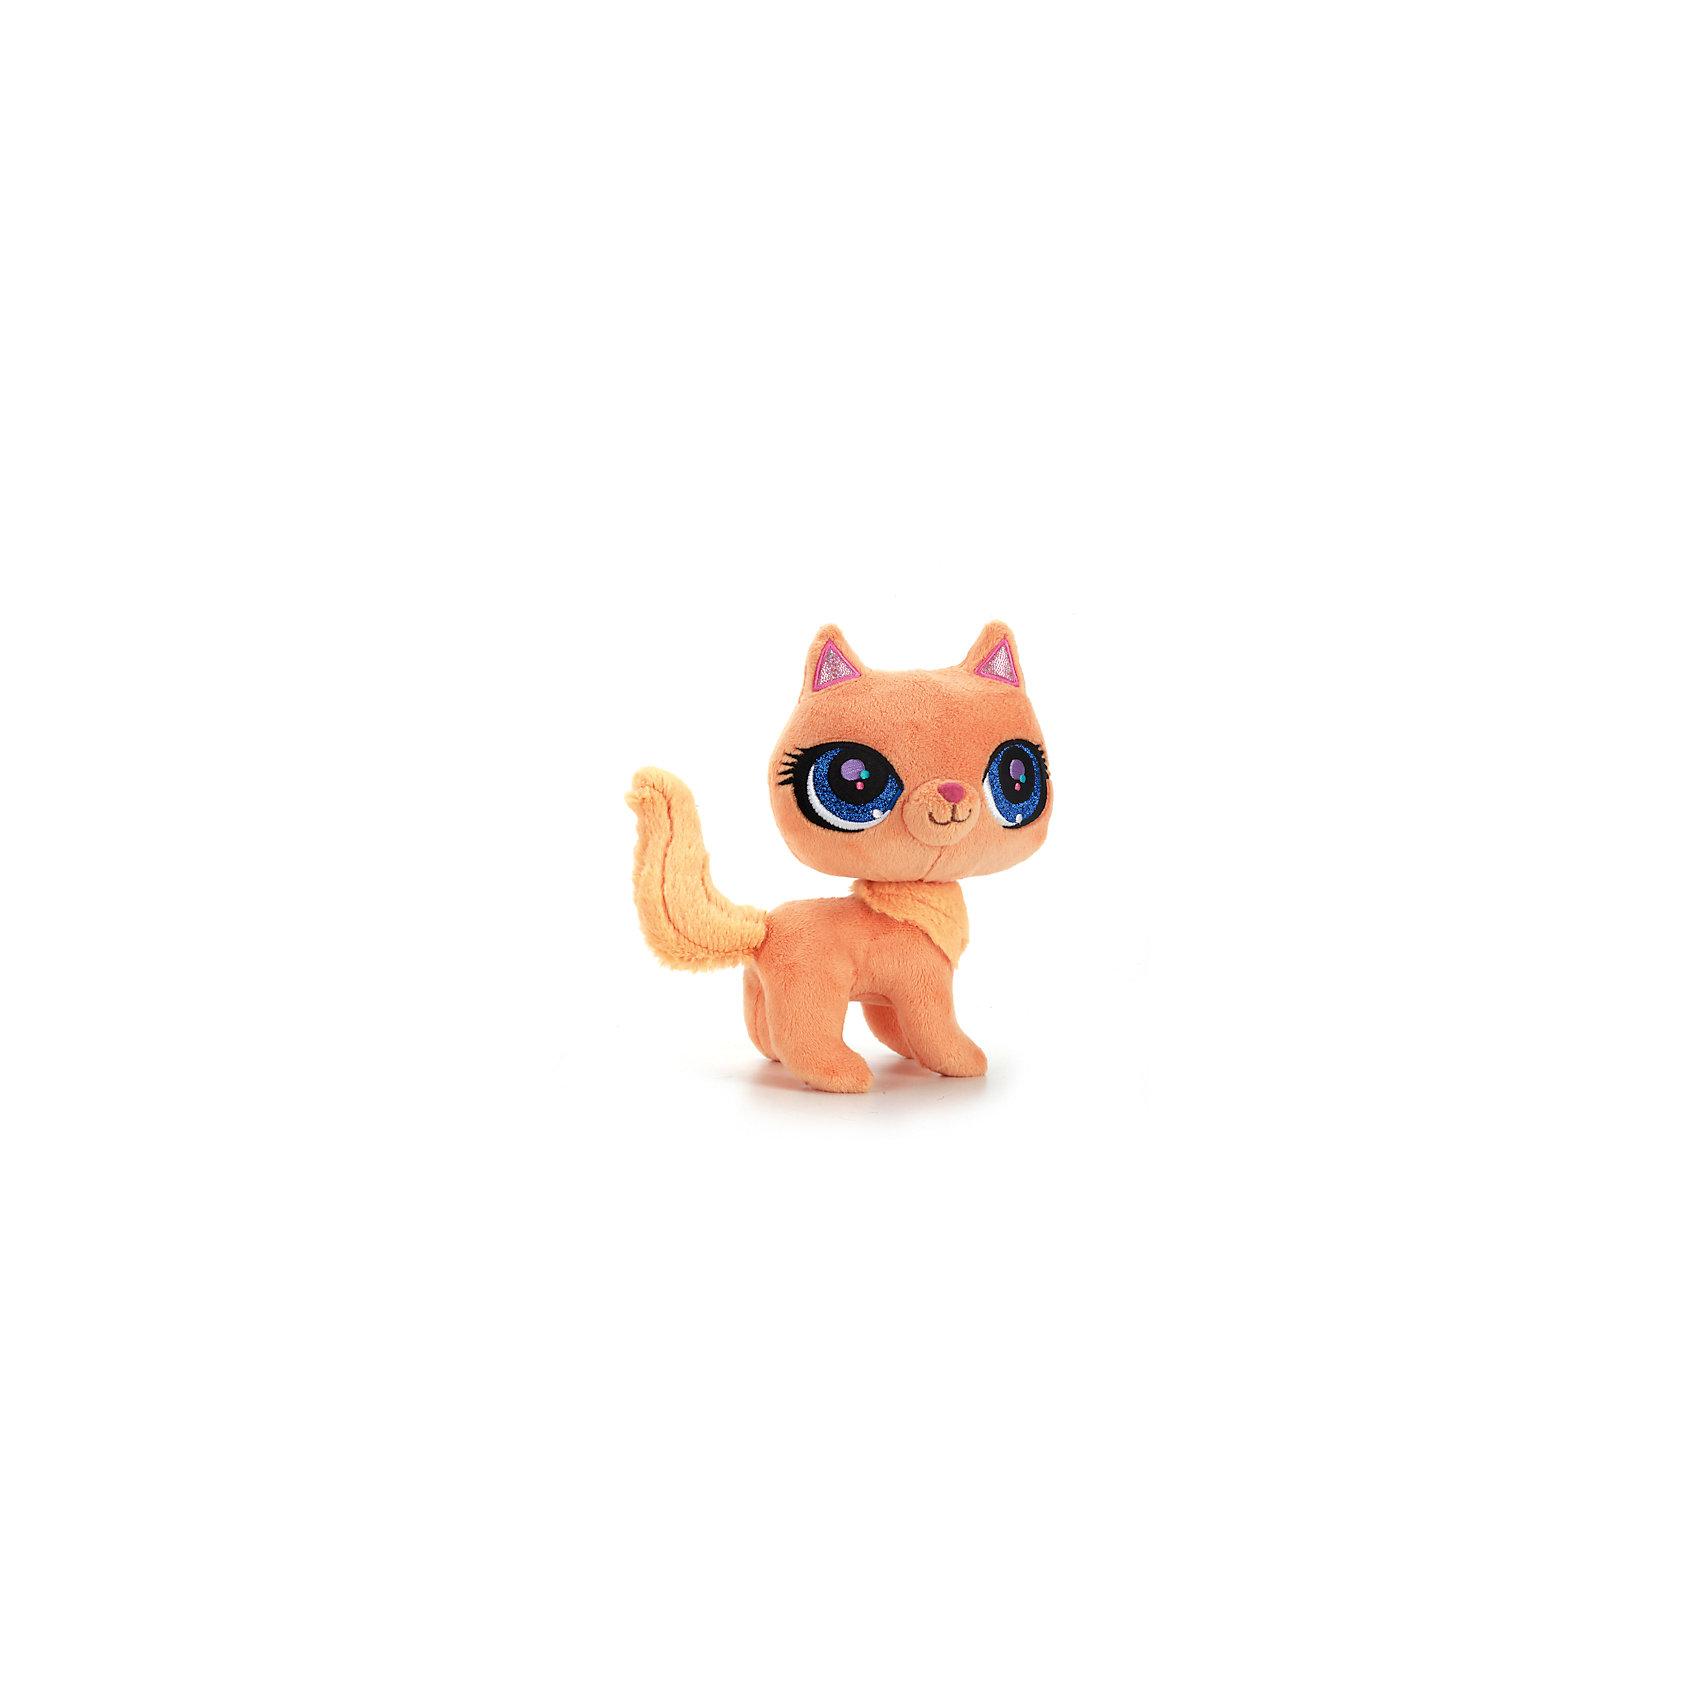 МУЛЬТИ-ПУЛЬТИ Мягкая игрушка  Рыжая кошка, 17 см, со звуком,  МУЛЬТИ-ПУЛЬТИ мульти пульти мягкая игрушка серый мышонок 23 см со звуком кот леопольд мульти пульти